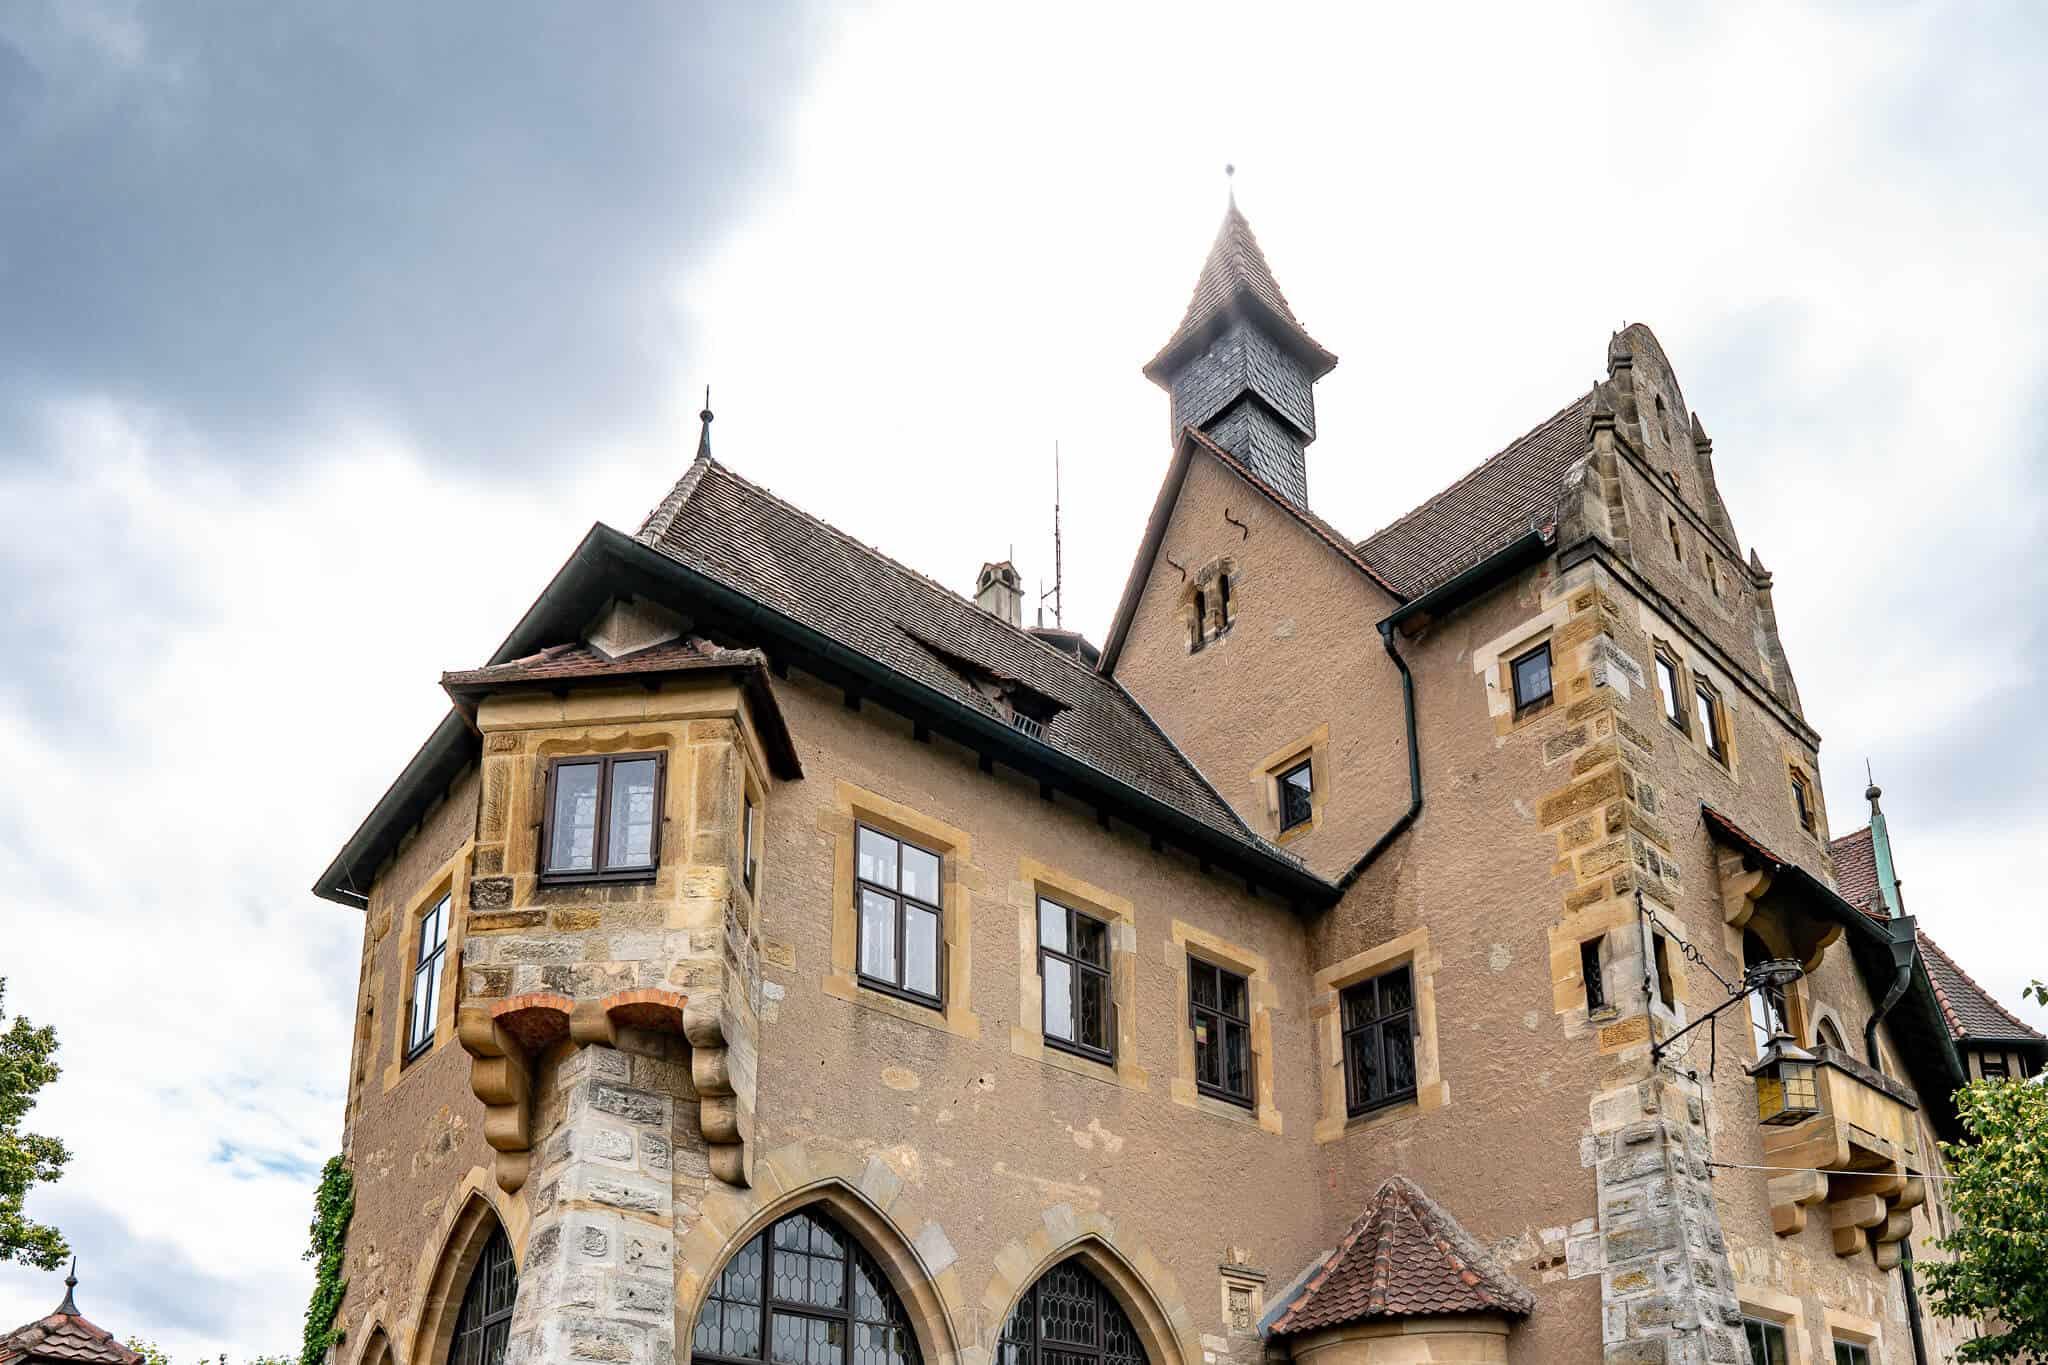 Bamberg Sehenswürdigkeiten: Altenburg Turm